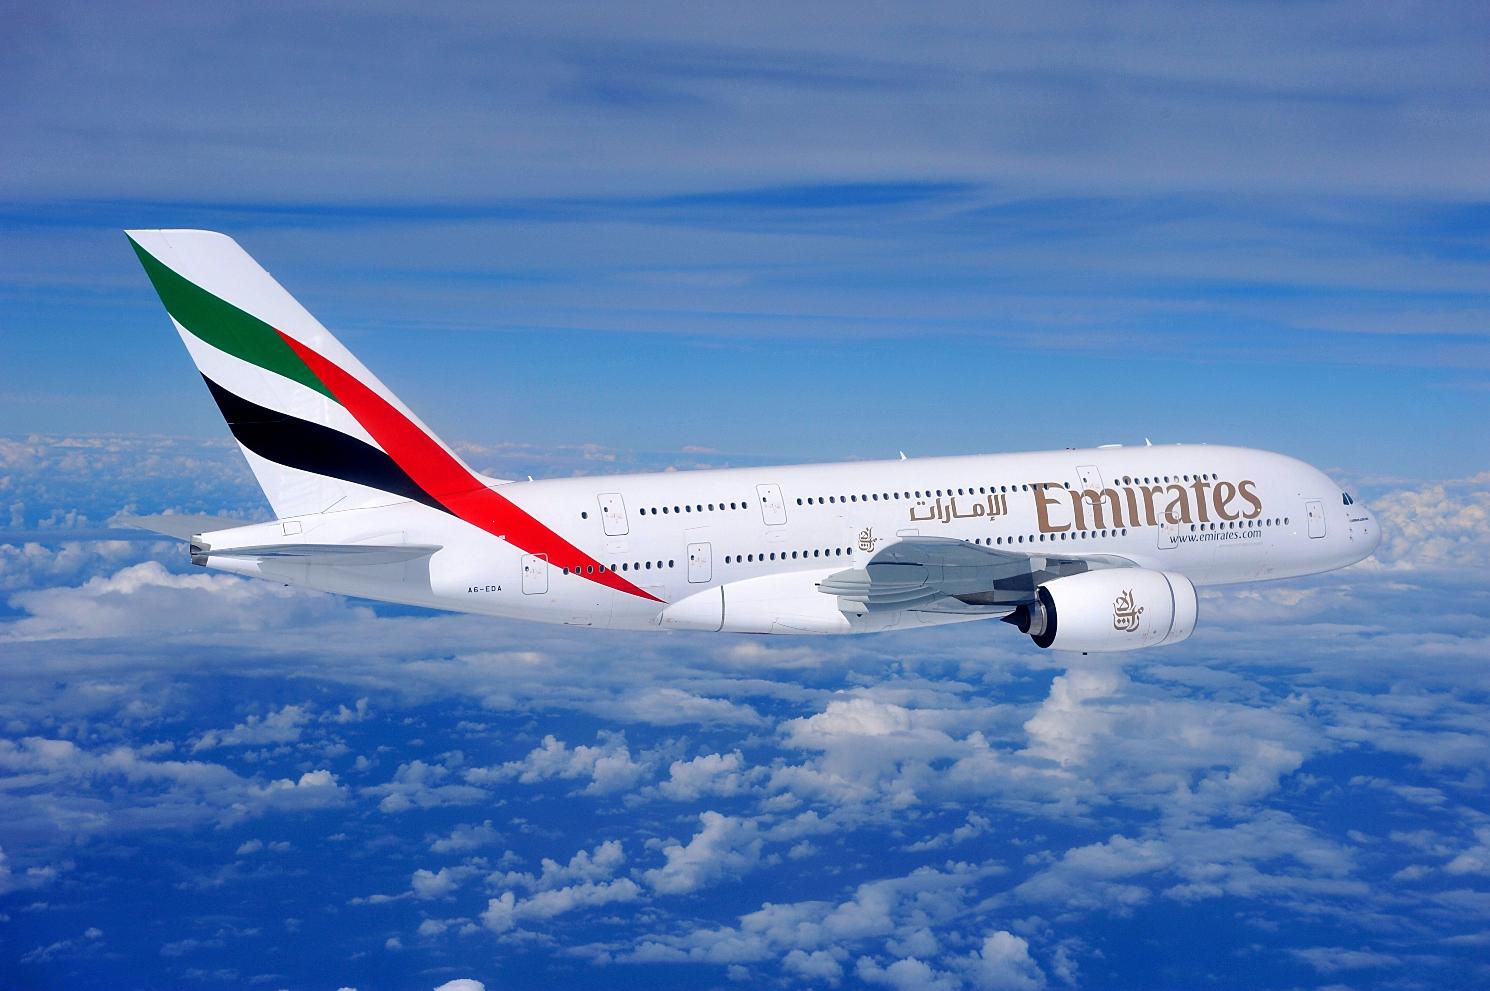 ผลการค้นหารูปภาพสำหรับ สายการบินเอมิเรตส์ (Emirates Airline)